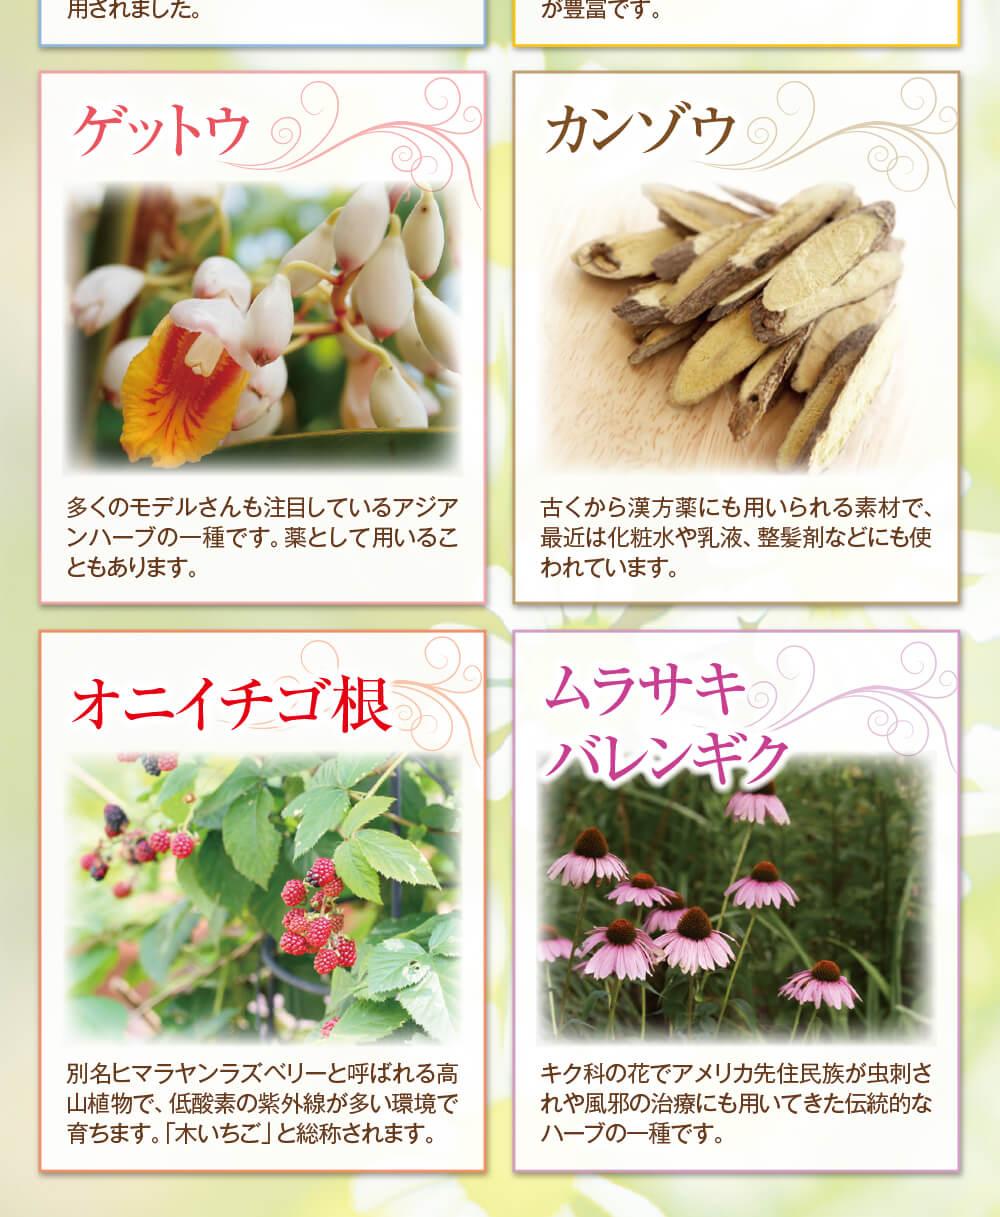 アジアンハーブの一種ゲットウ・漢方薬にも使われているカンゾウ・オニイチゴ根・伝統的なハーブの一種ムラサキバレンギク